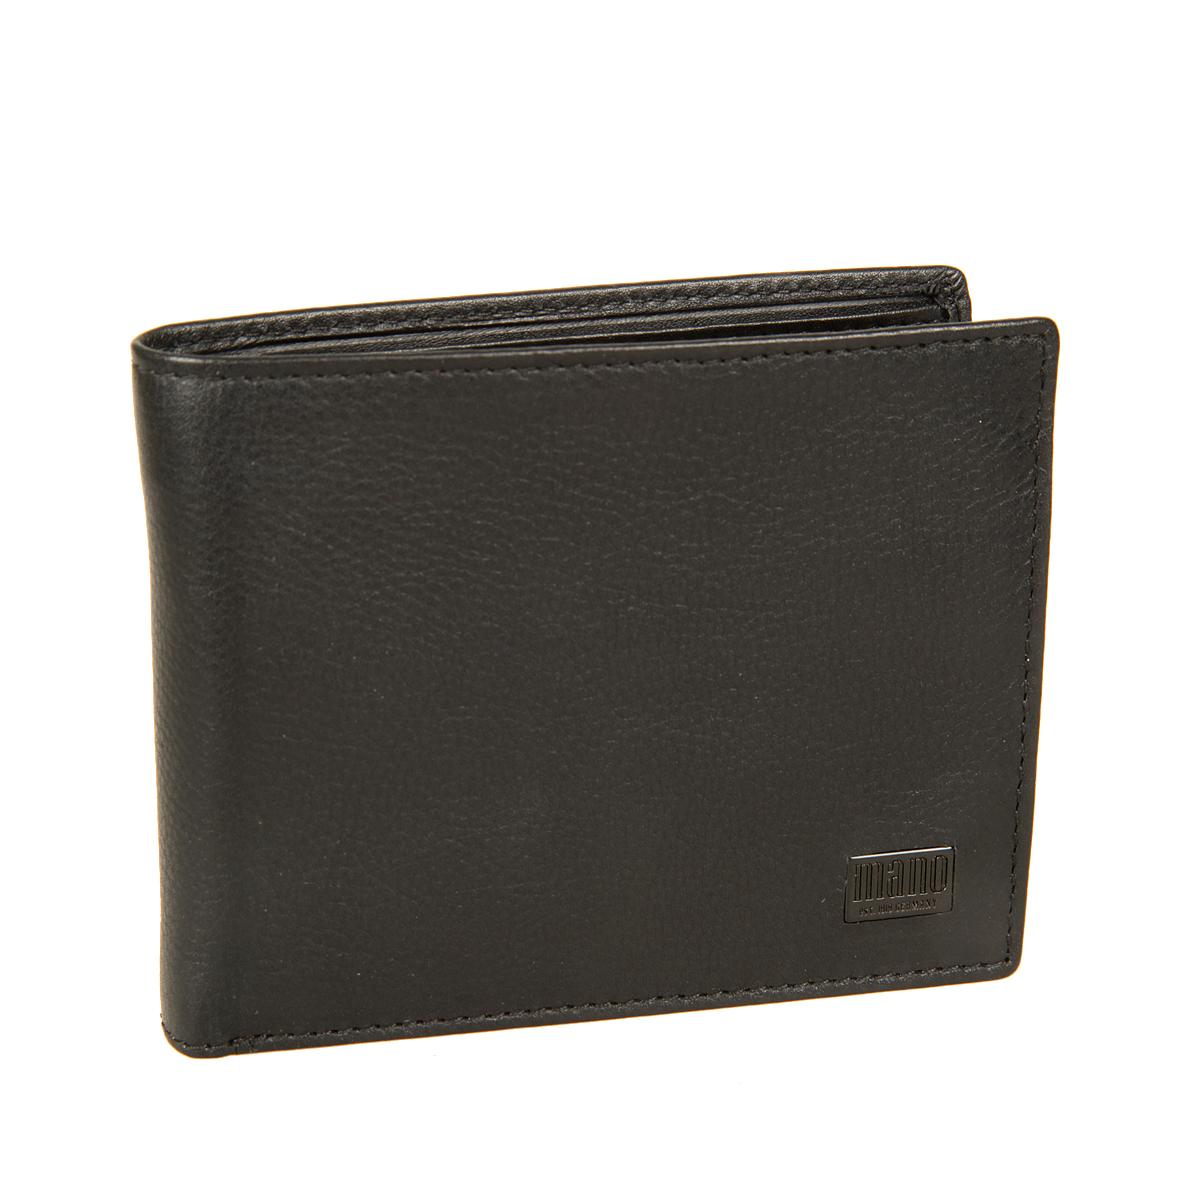 Портмоне мужское Mano, цвет: черный. 1915119151 certo blackСтильное мужское портмоне Mano выполнено из натуральной кожи, оформлено не большой металлической пластинкой с логотипом бренда. Внутри - два отделения для купюр, карман для мелочи с клапаном на кнопке, два потайных кармана, карман с сетчатой вставкой, четыре кармашка для пластиковых карт. Модель имеет protect pocket - защитный карман от считывания карты. Портмоне упаковано в фирменную картонную коробку.